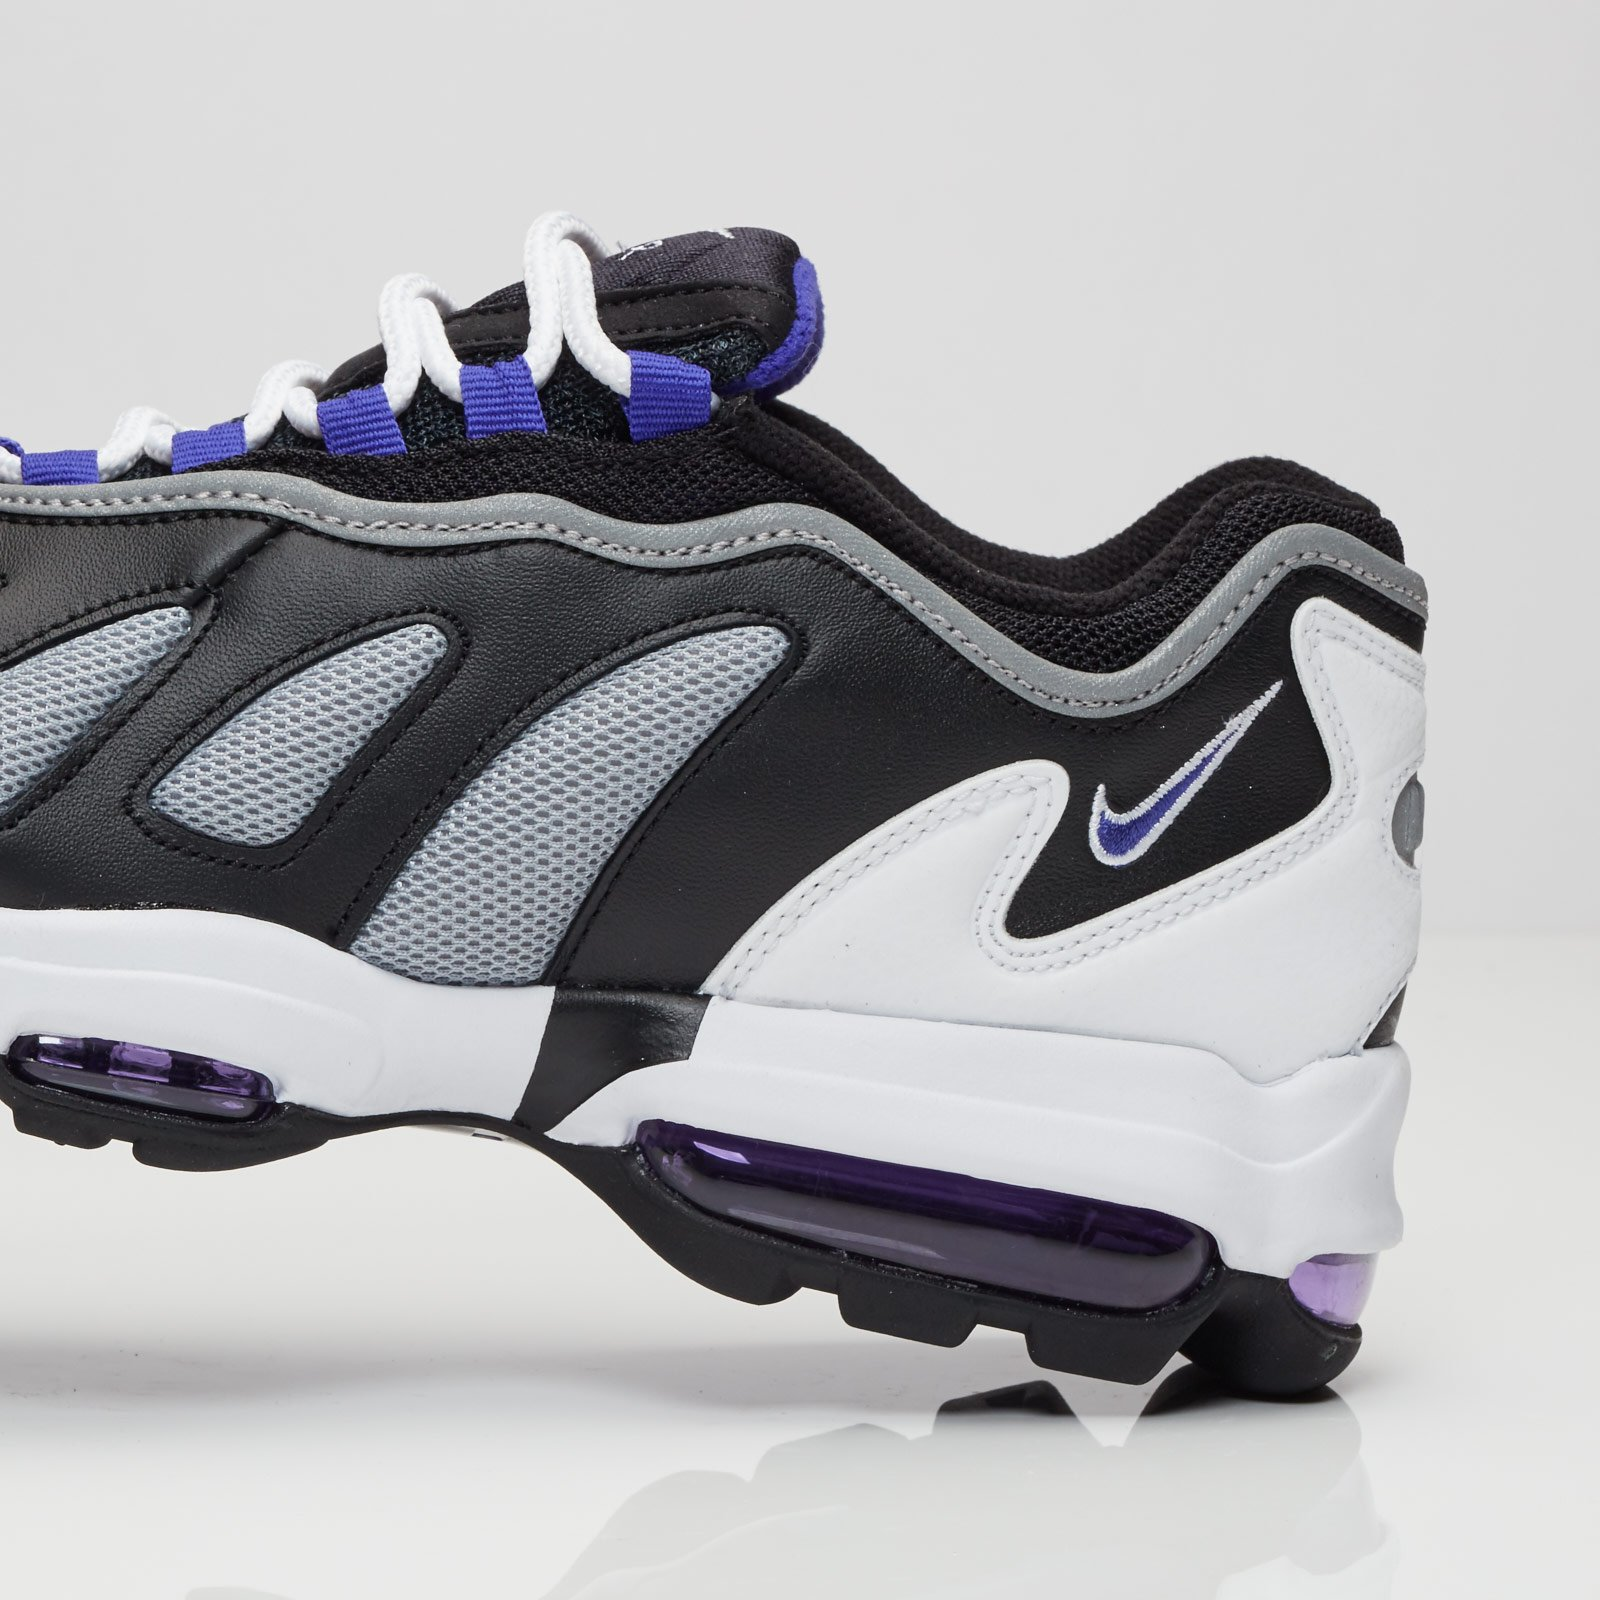 5a6bfb44cc0 Nike Air Max 96 XX - 870165-001 - Sneakersnstuff